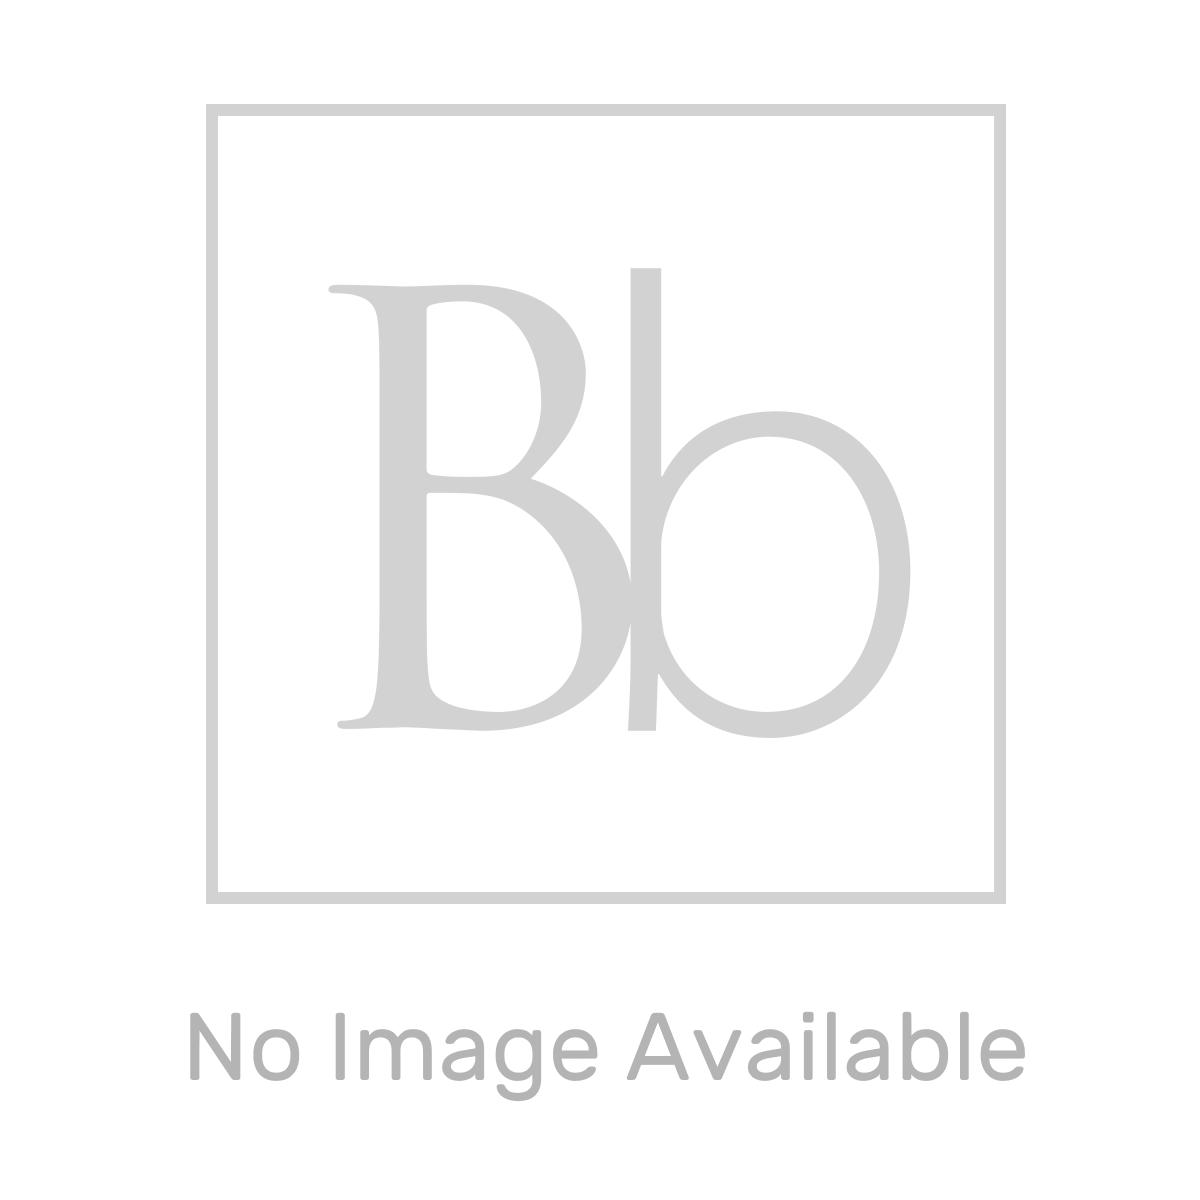 Nuie Athena Stone Grey 2 Door Floor Standing Vanity Unit with 18mm Worktop 600mm Line Drawing